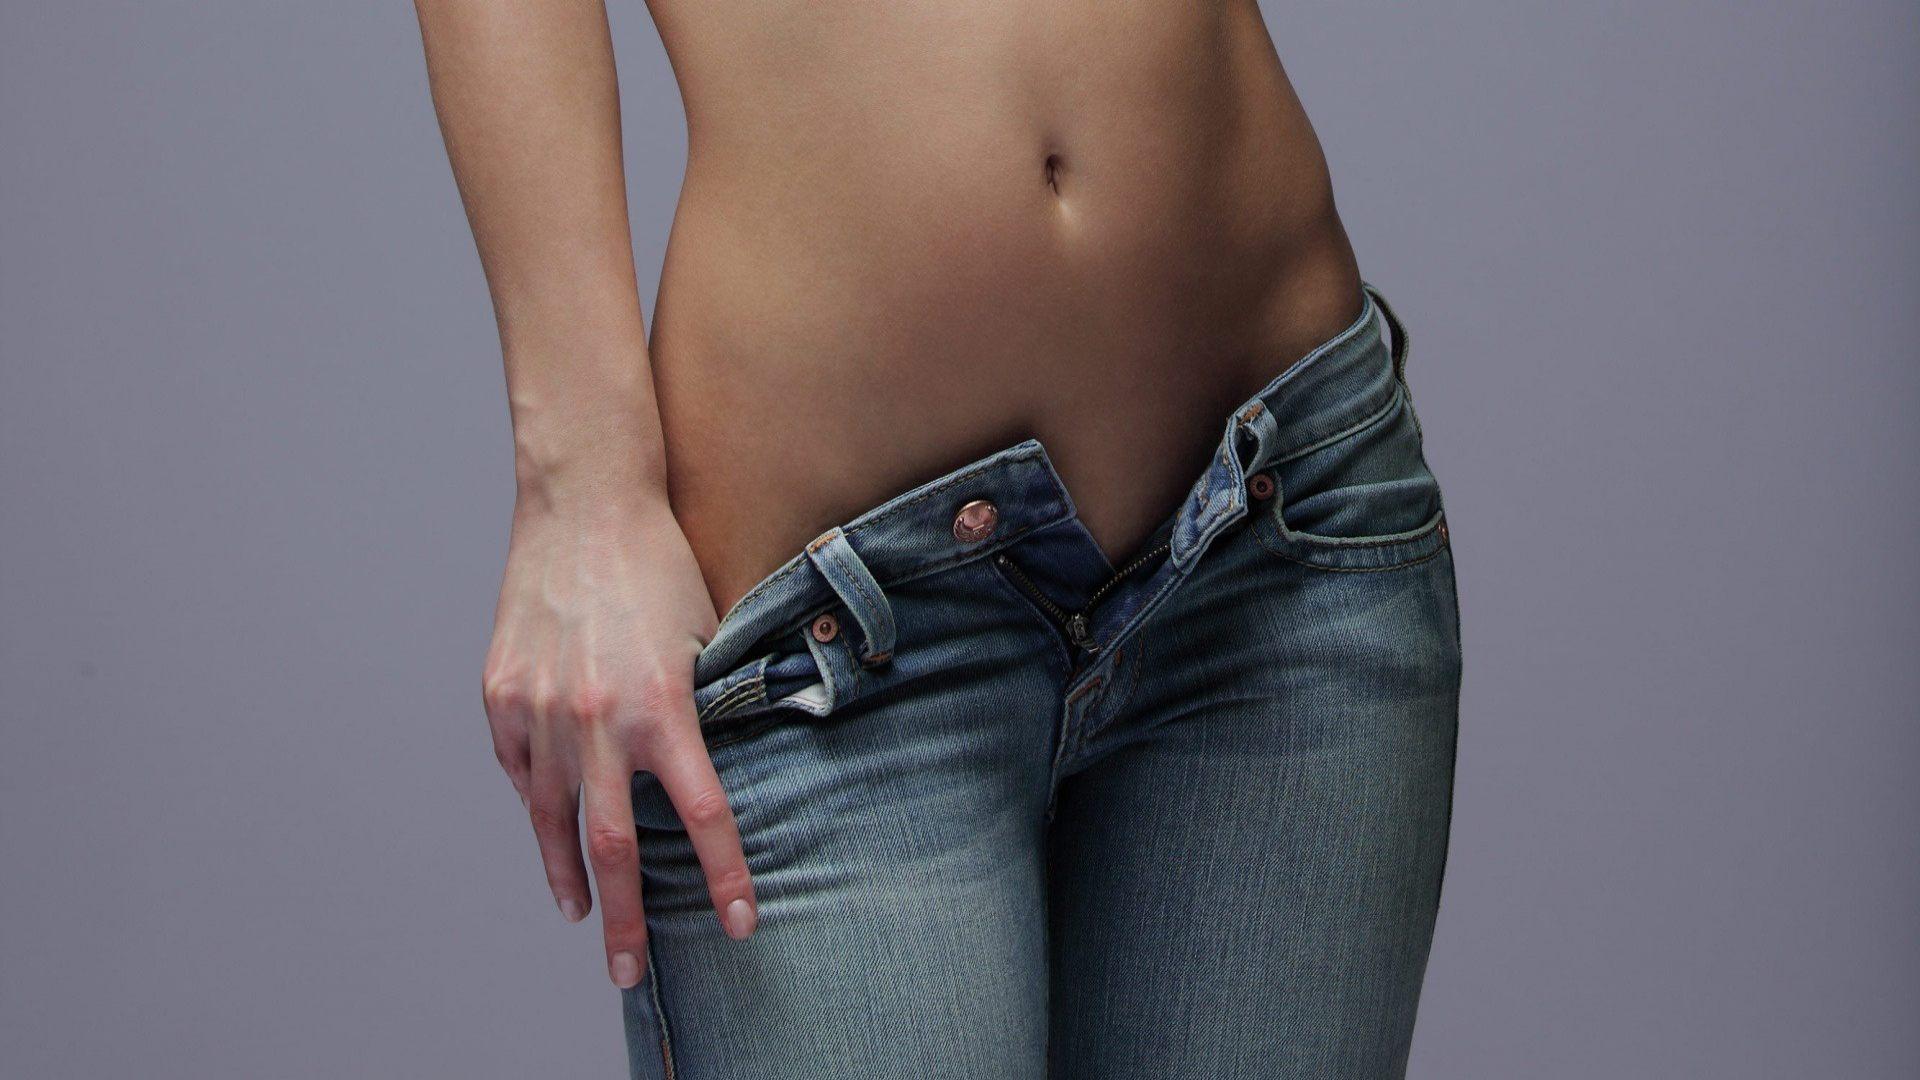 Сколько заживает шрам после кесарева сечения и как от него избавиться?